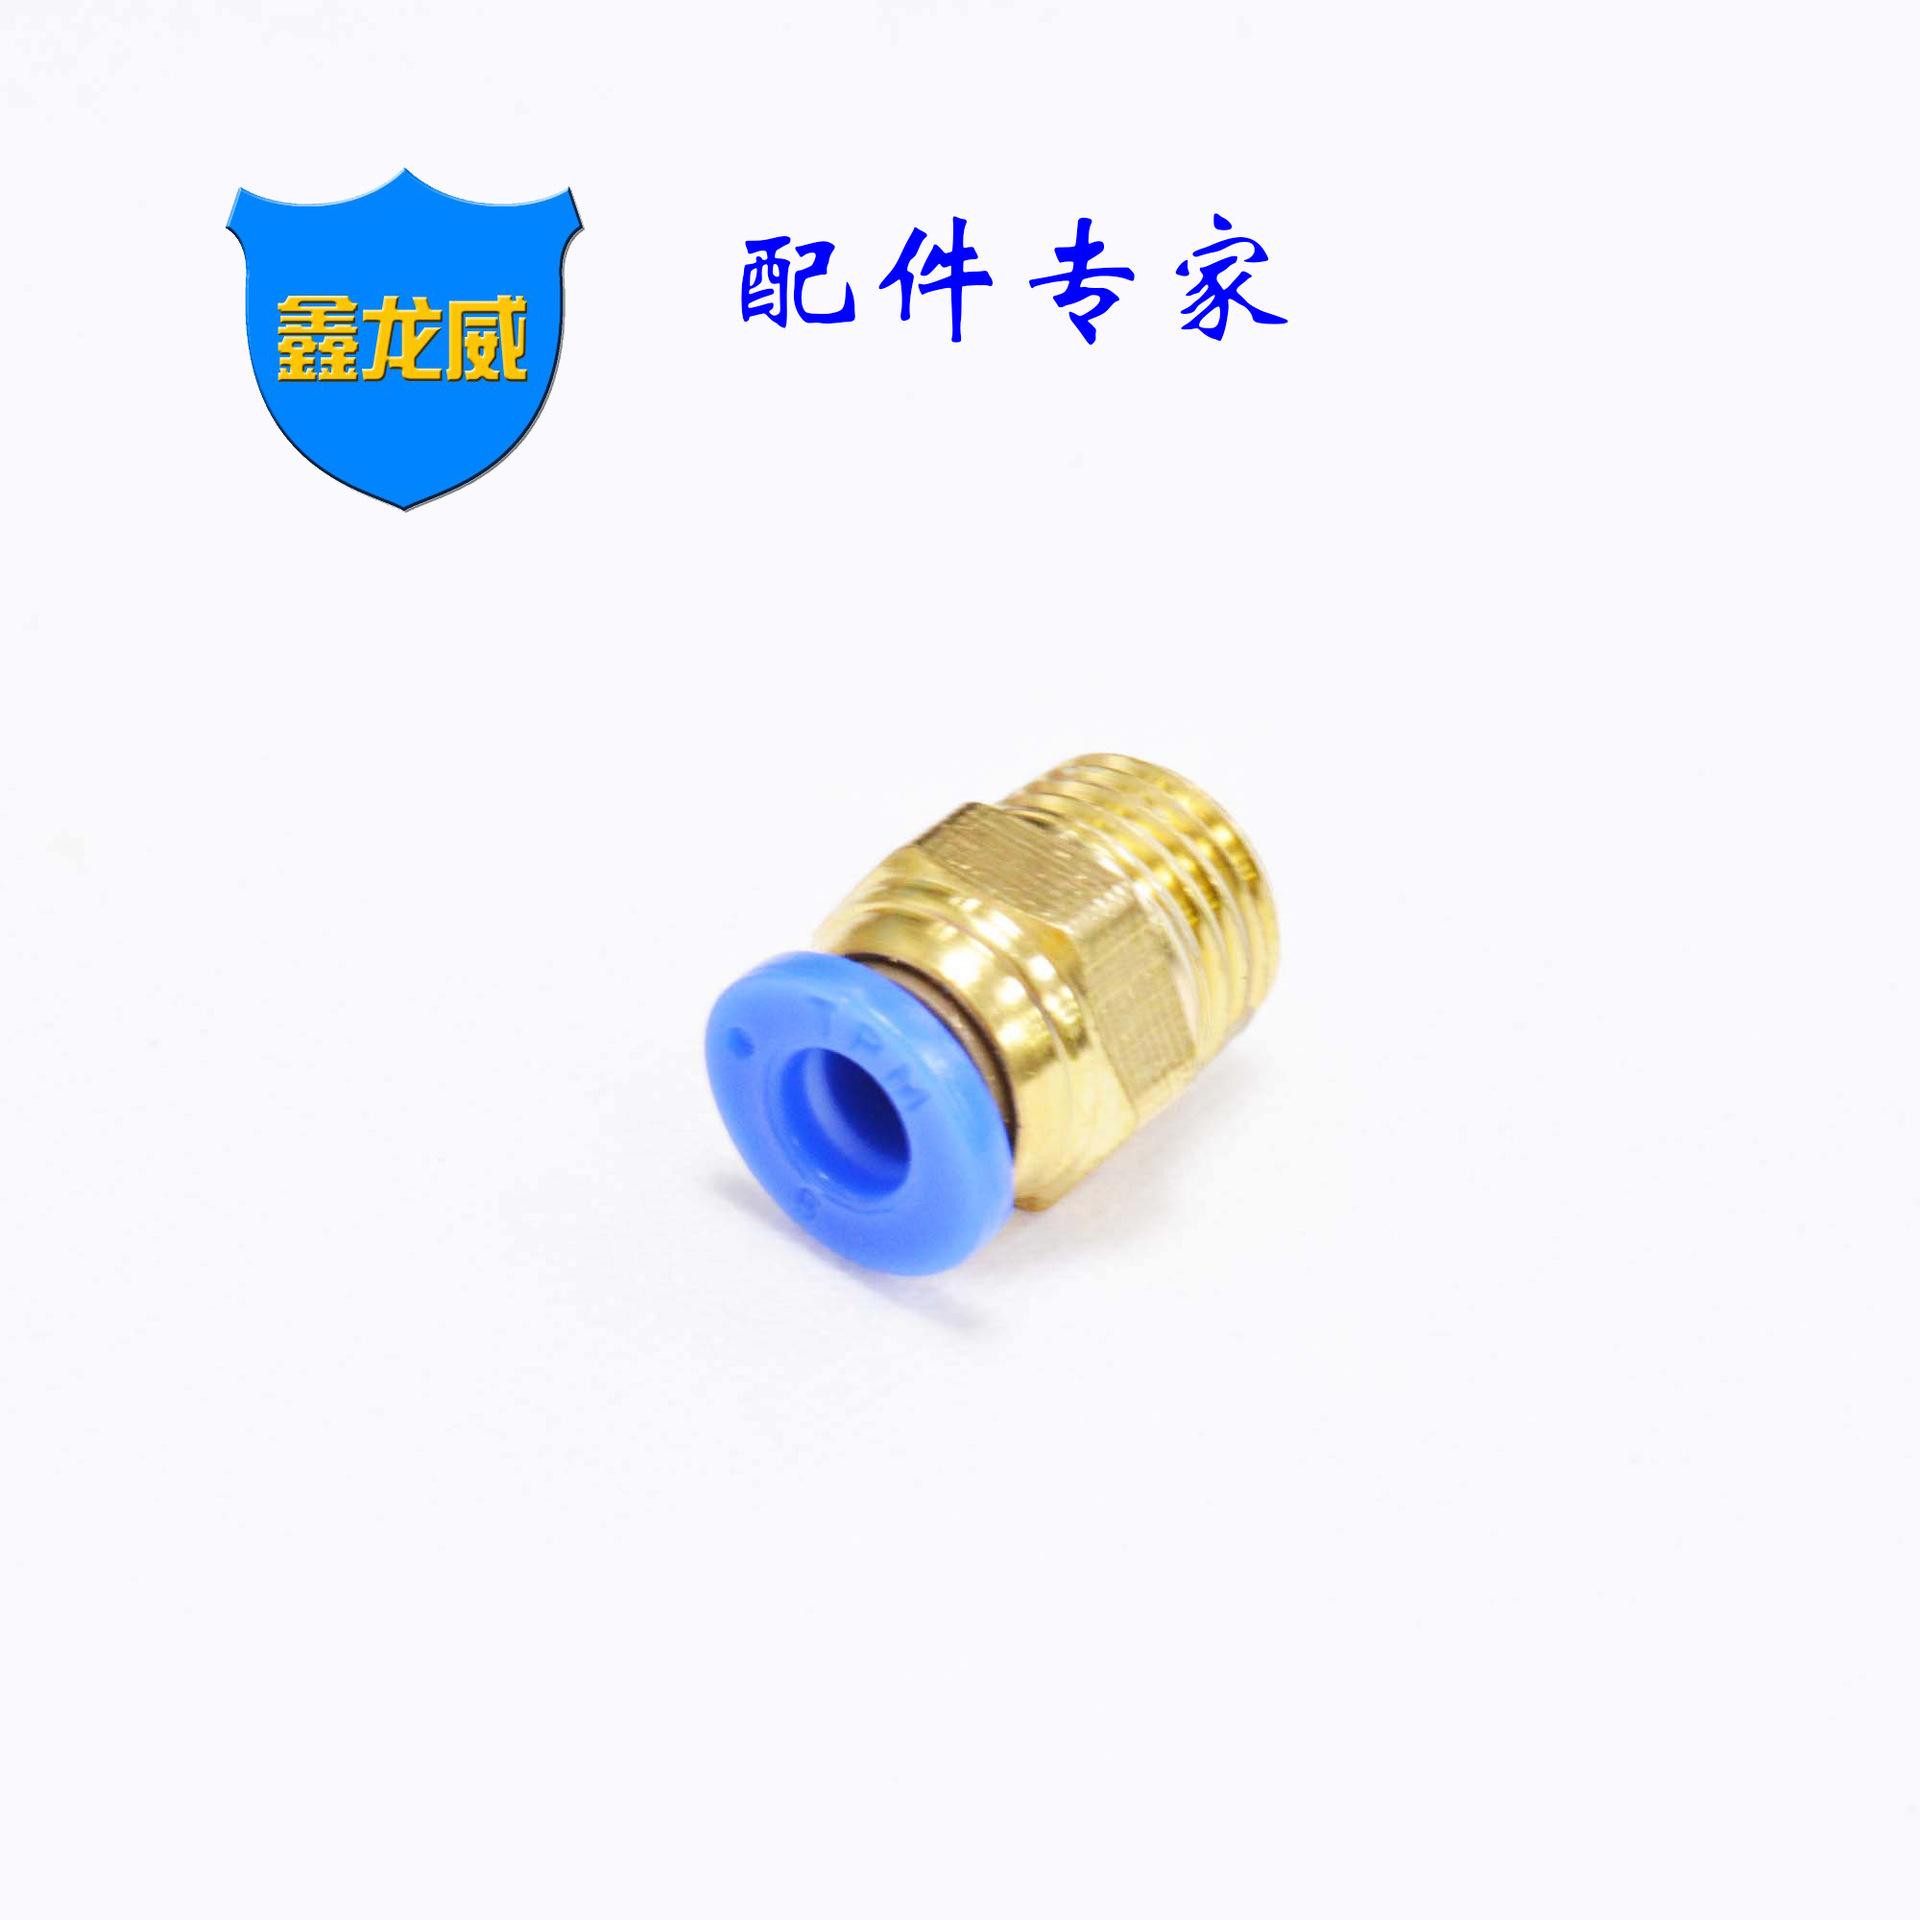 TPM Linh kiện khí nén Các nhà sản xuất cung cấp khí quản kết nối nhanh PC ngoài luồng thẳng qua ống